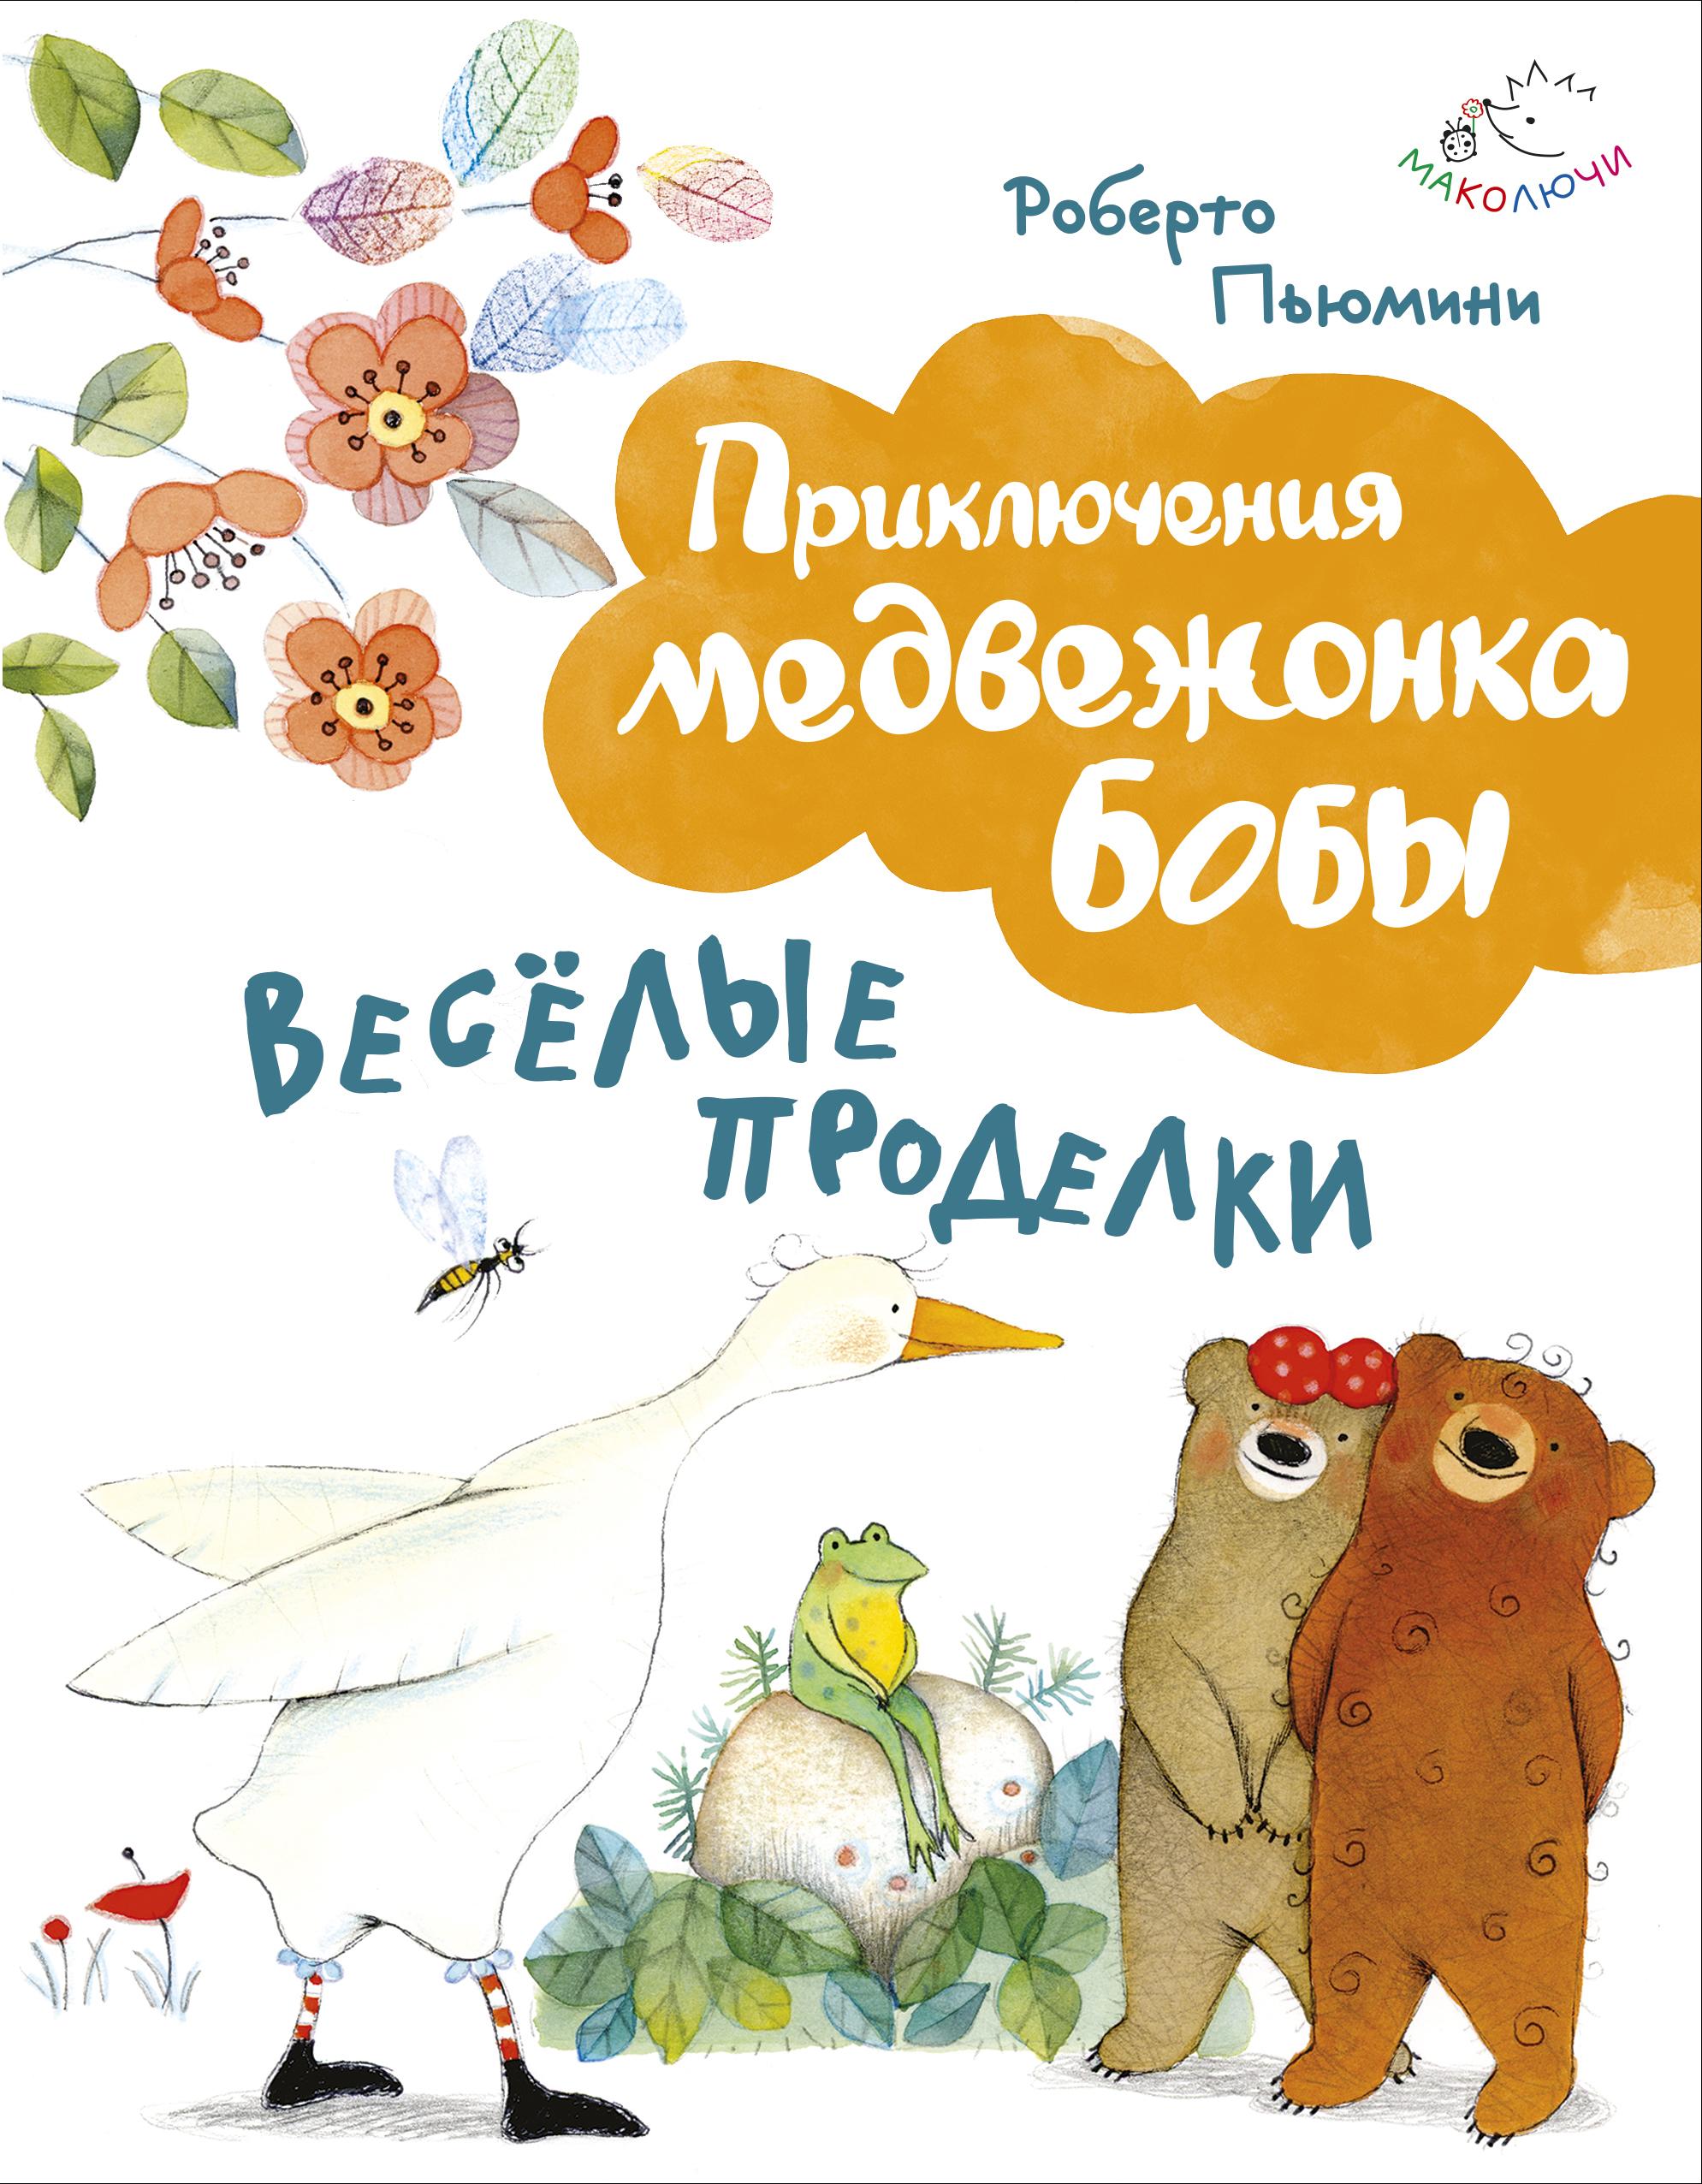 купить Роберто Пьюмини Веселые проделки (ил. А. Курти) по цене 271 рублей